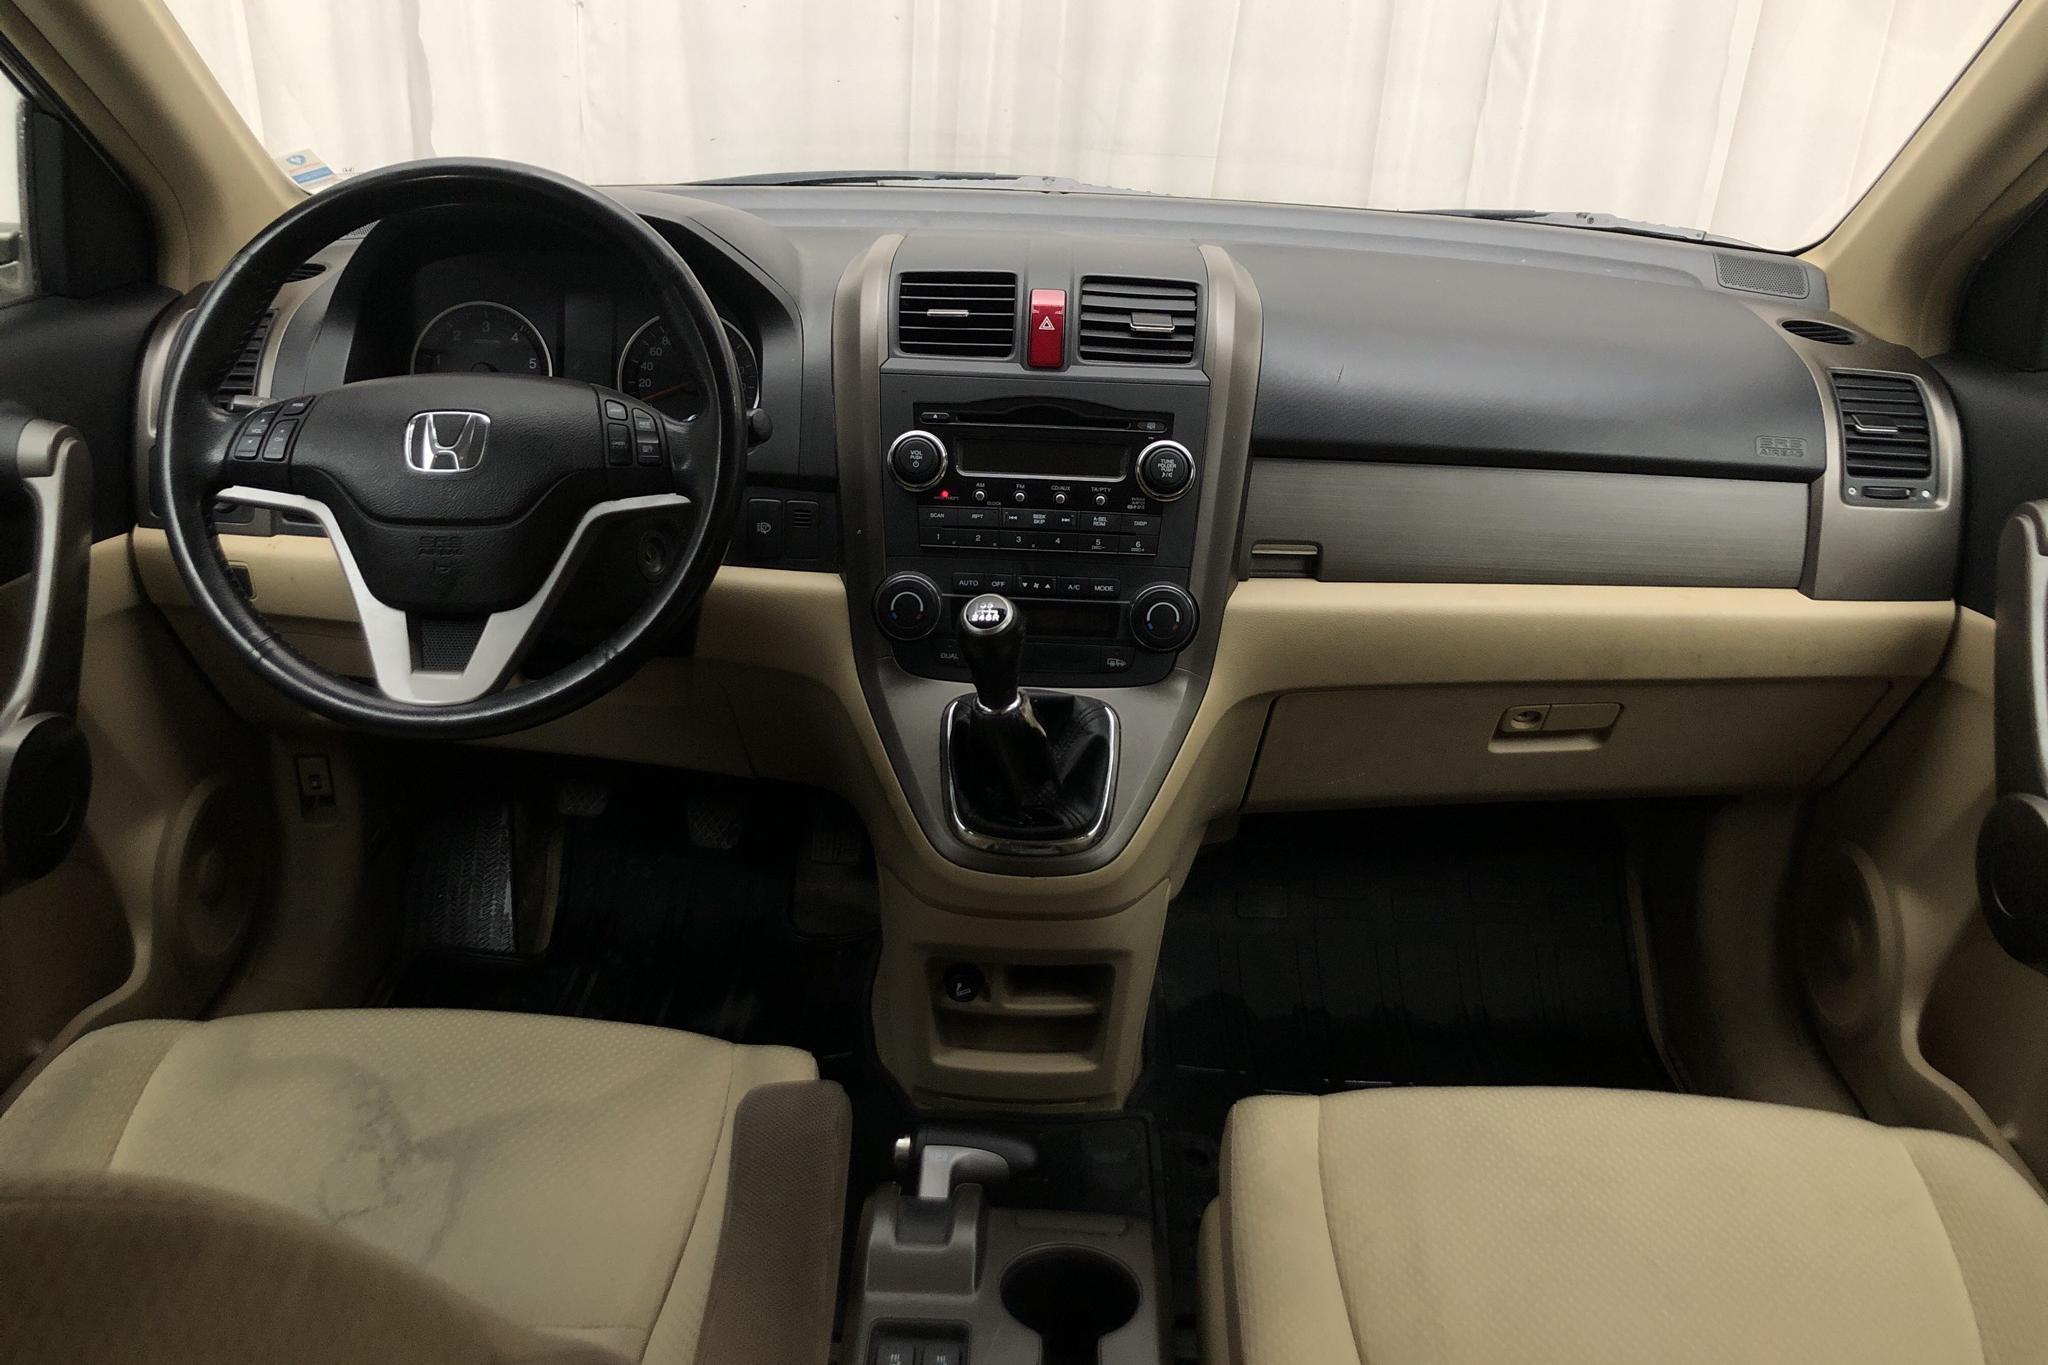 Honda CR-V 2.2 I-CTDI (140hk) - 181 280 km - Manual - Dark Grey - 2008